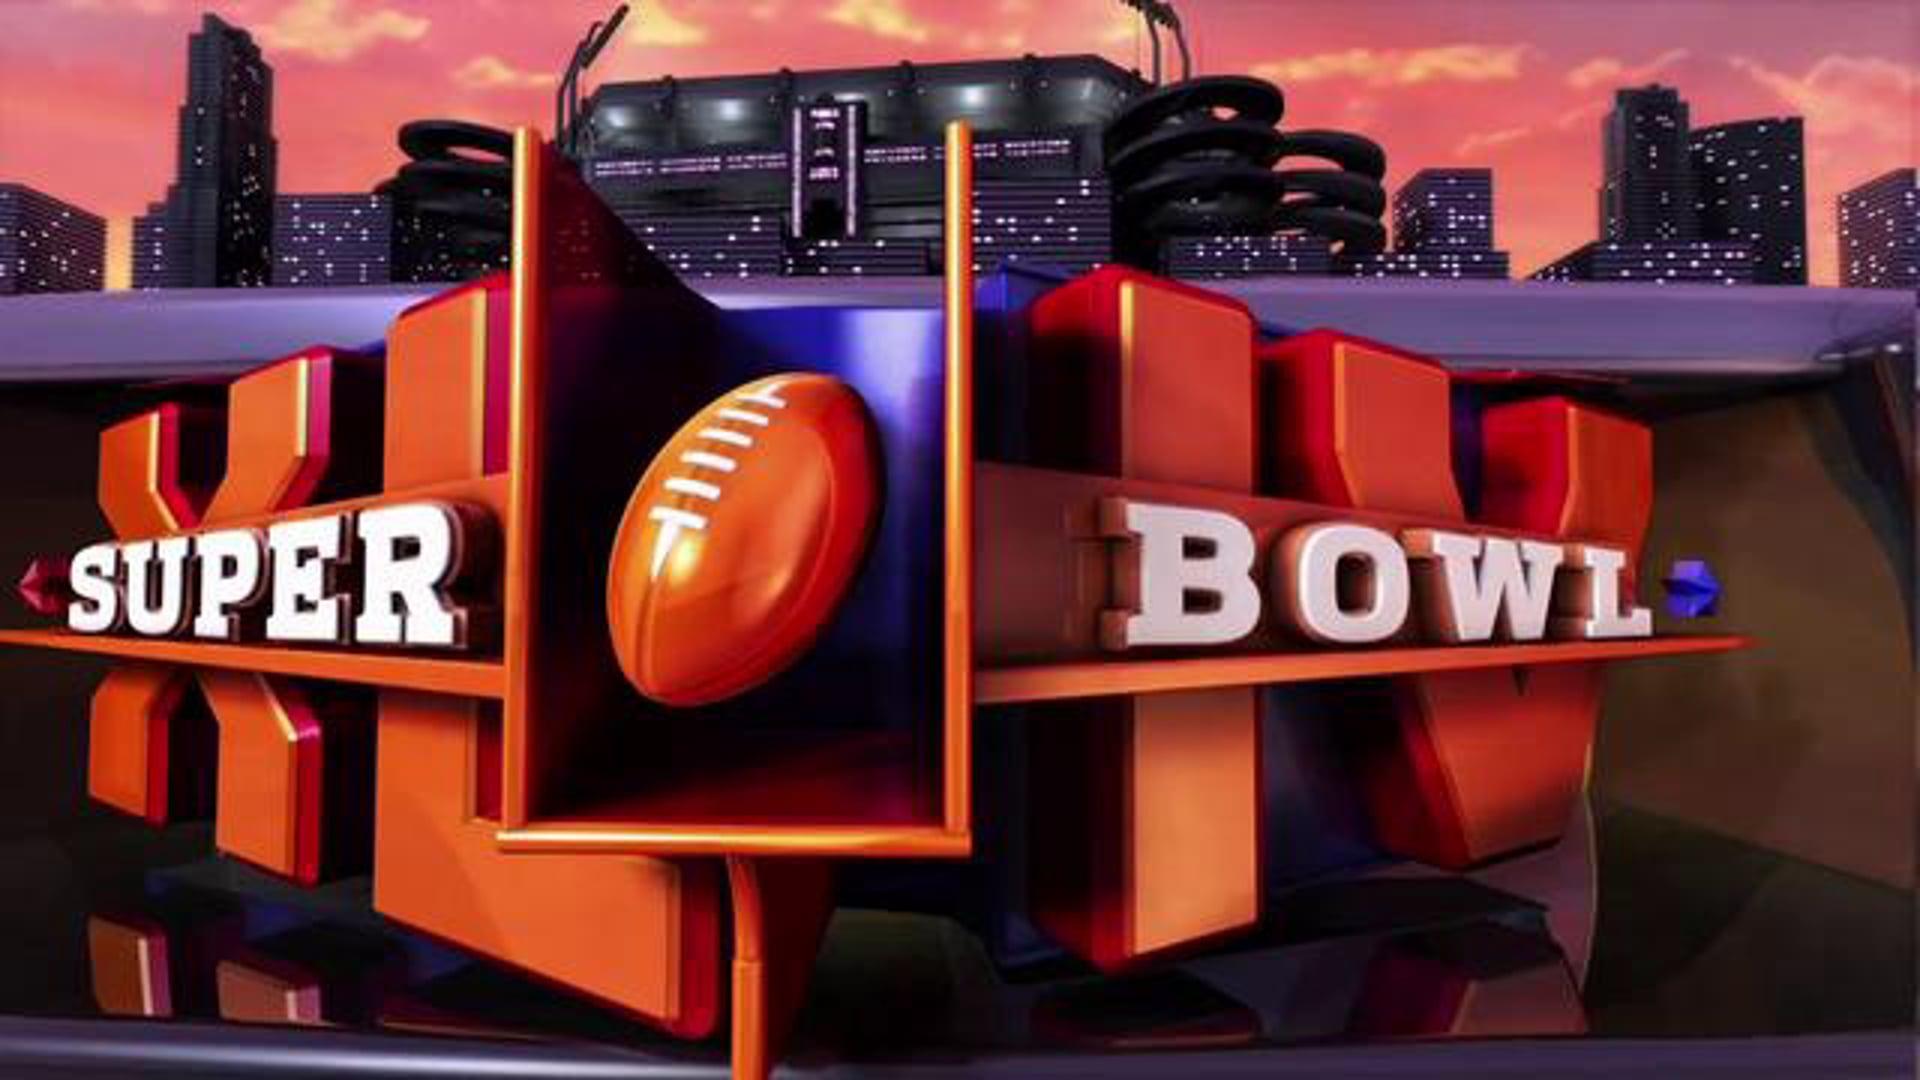 NFL Network Super Bowl Week